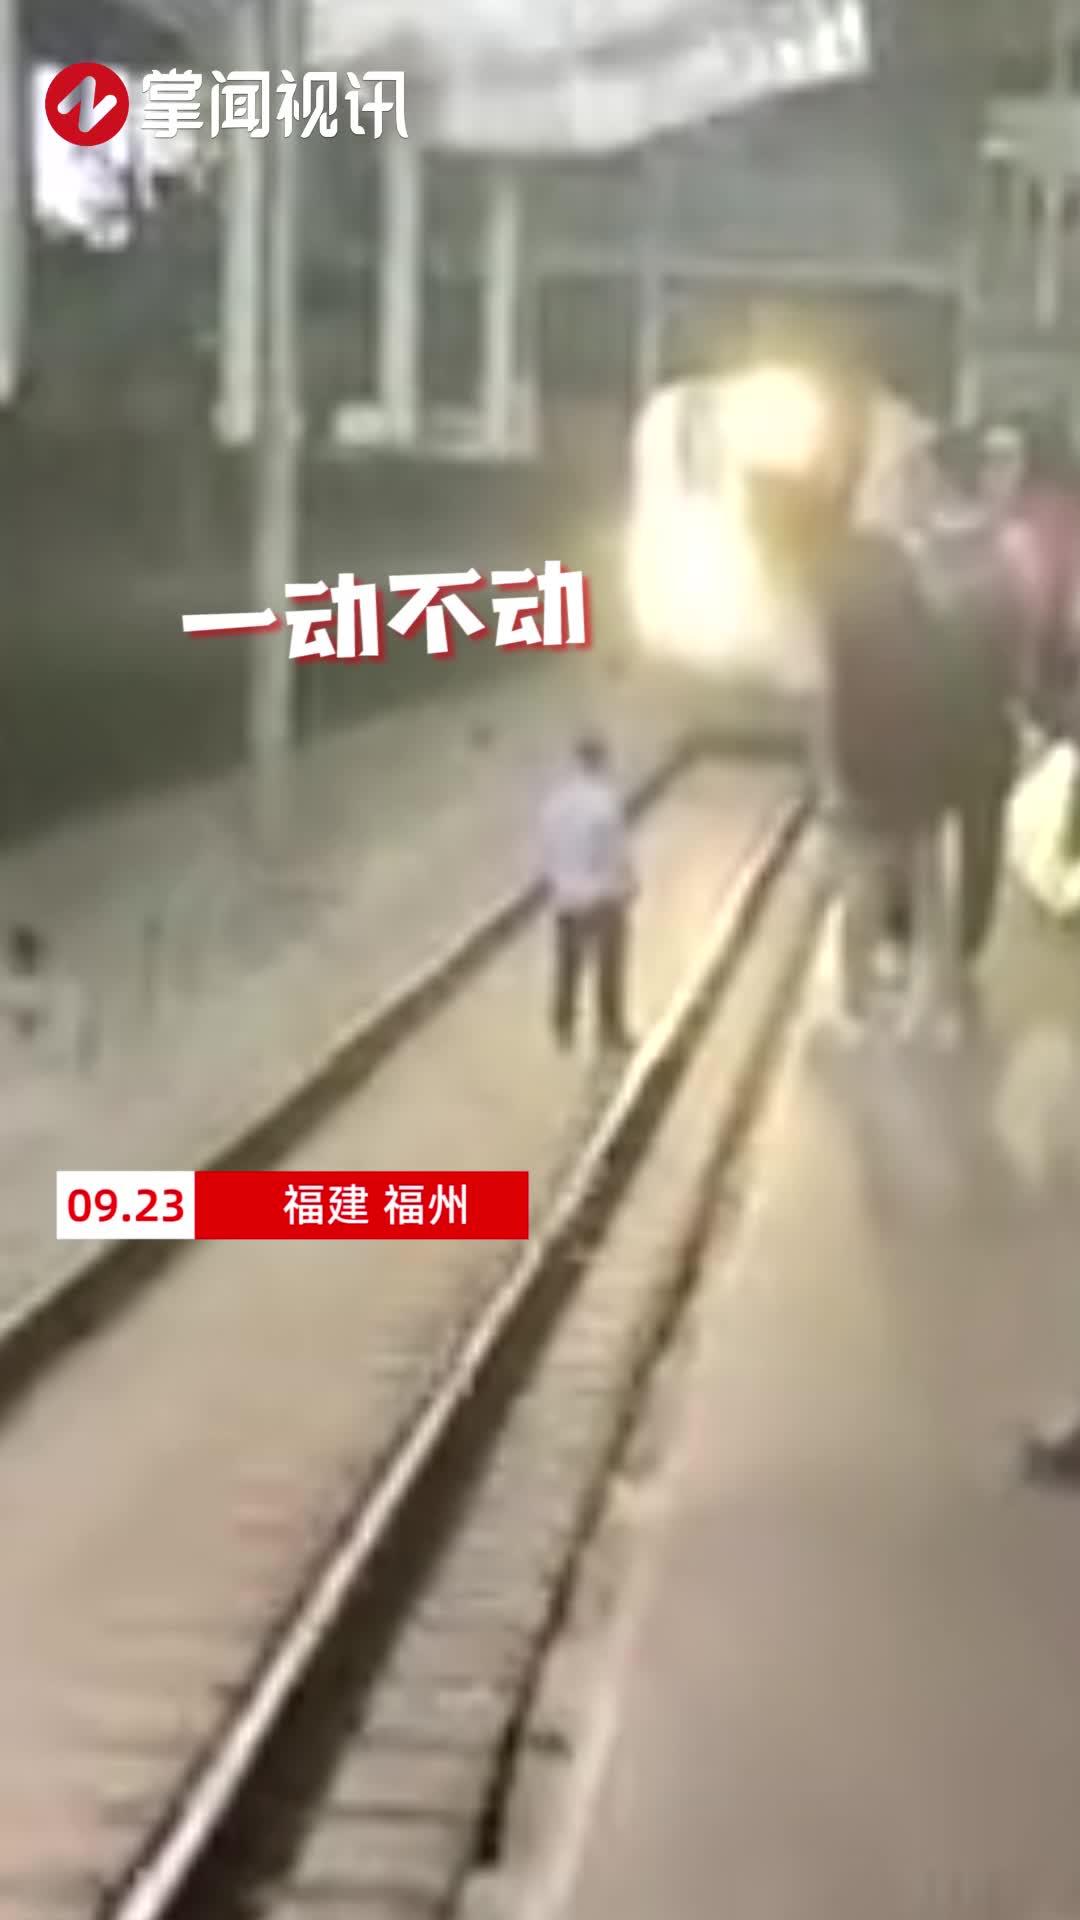 男子突然跳下站台与动车对峙,进站动车紧急制动,旅客吓得大叫!